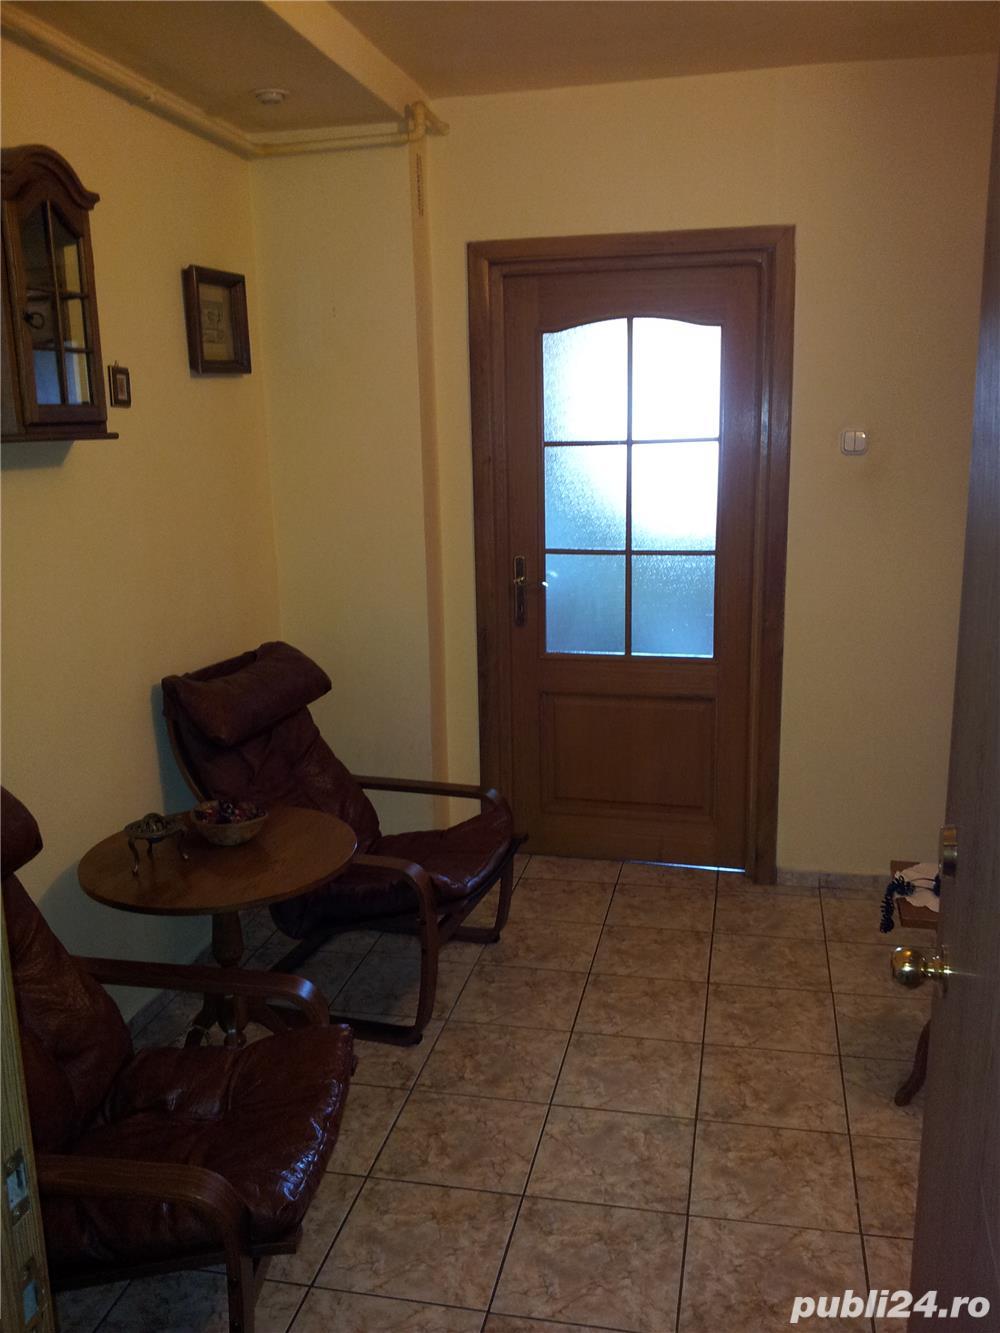 Proprietar inchiriez apartament cu 2 camere-CENTRAL - mobilat si utilat complet